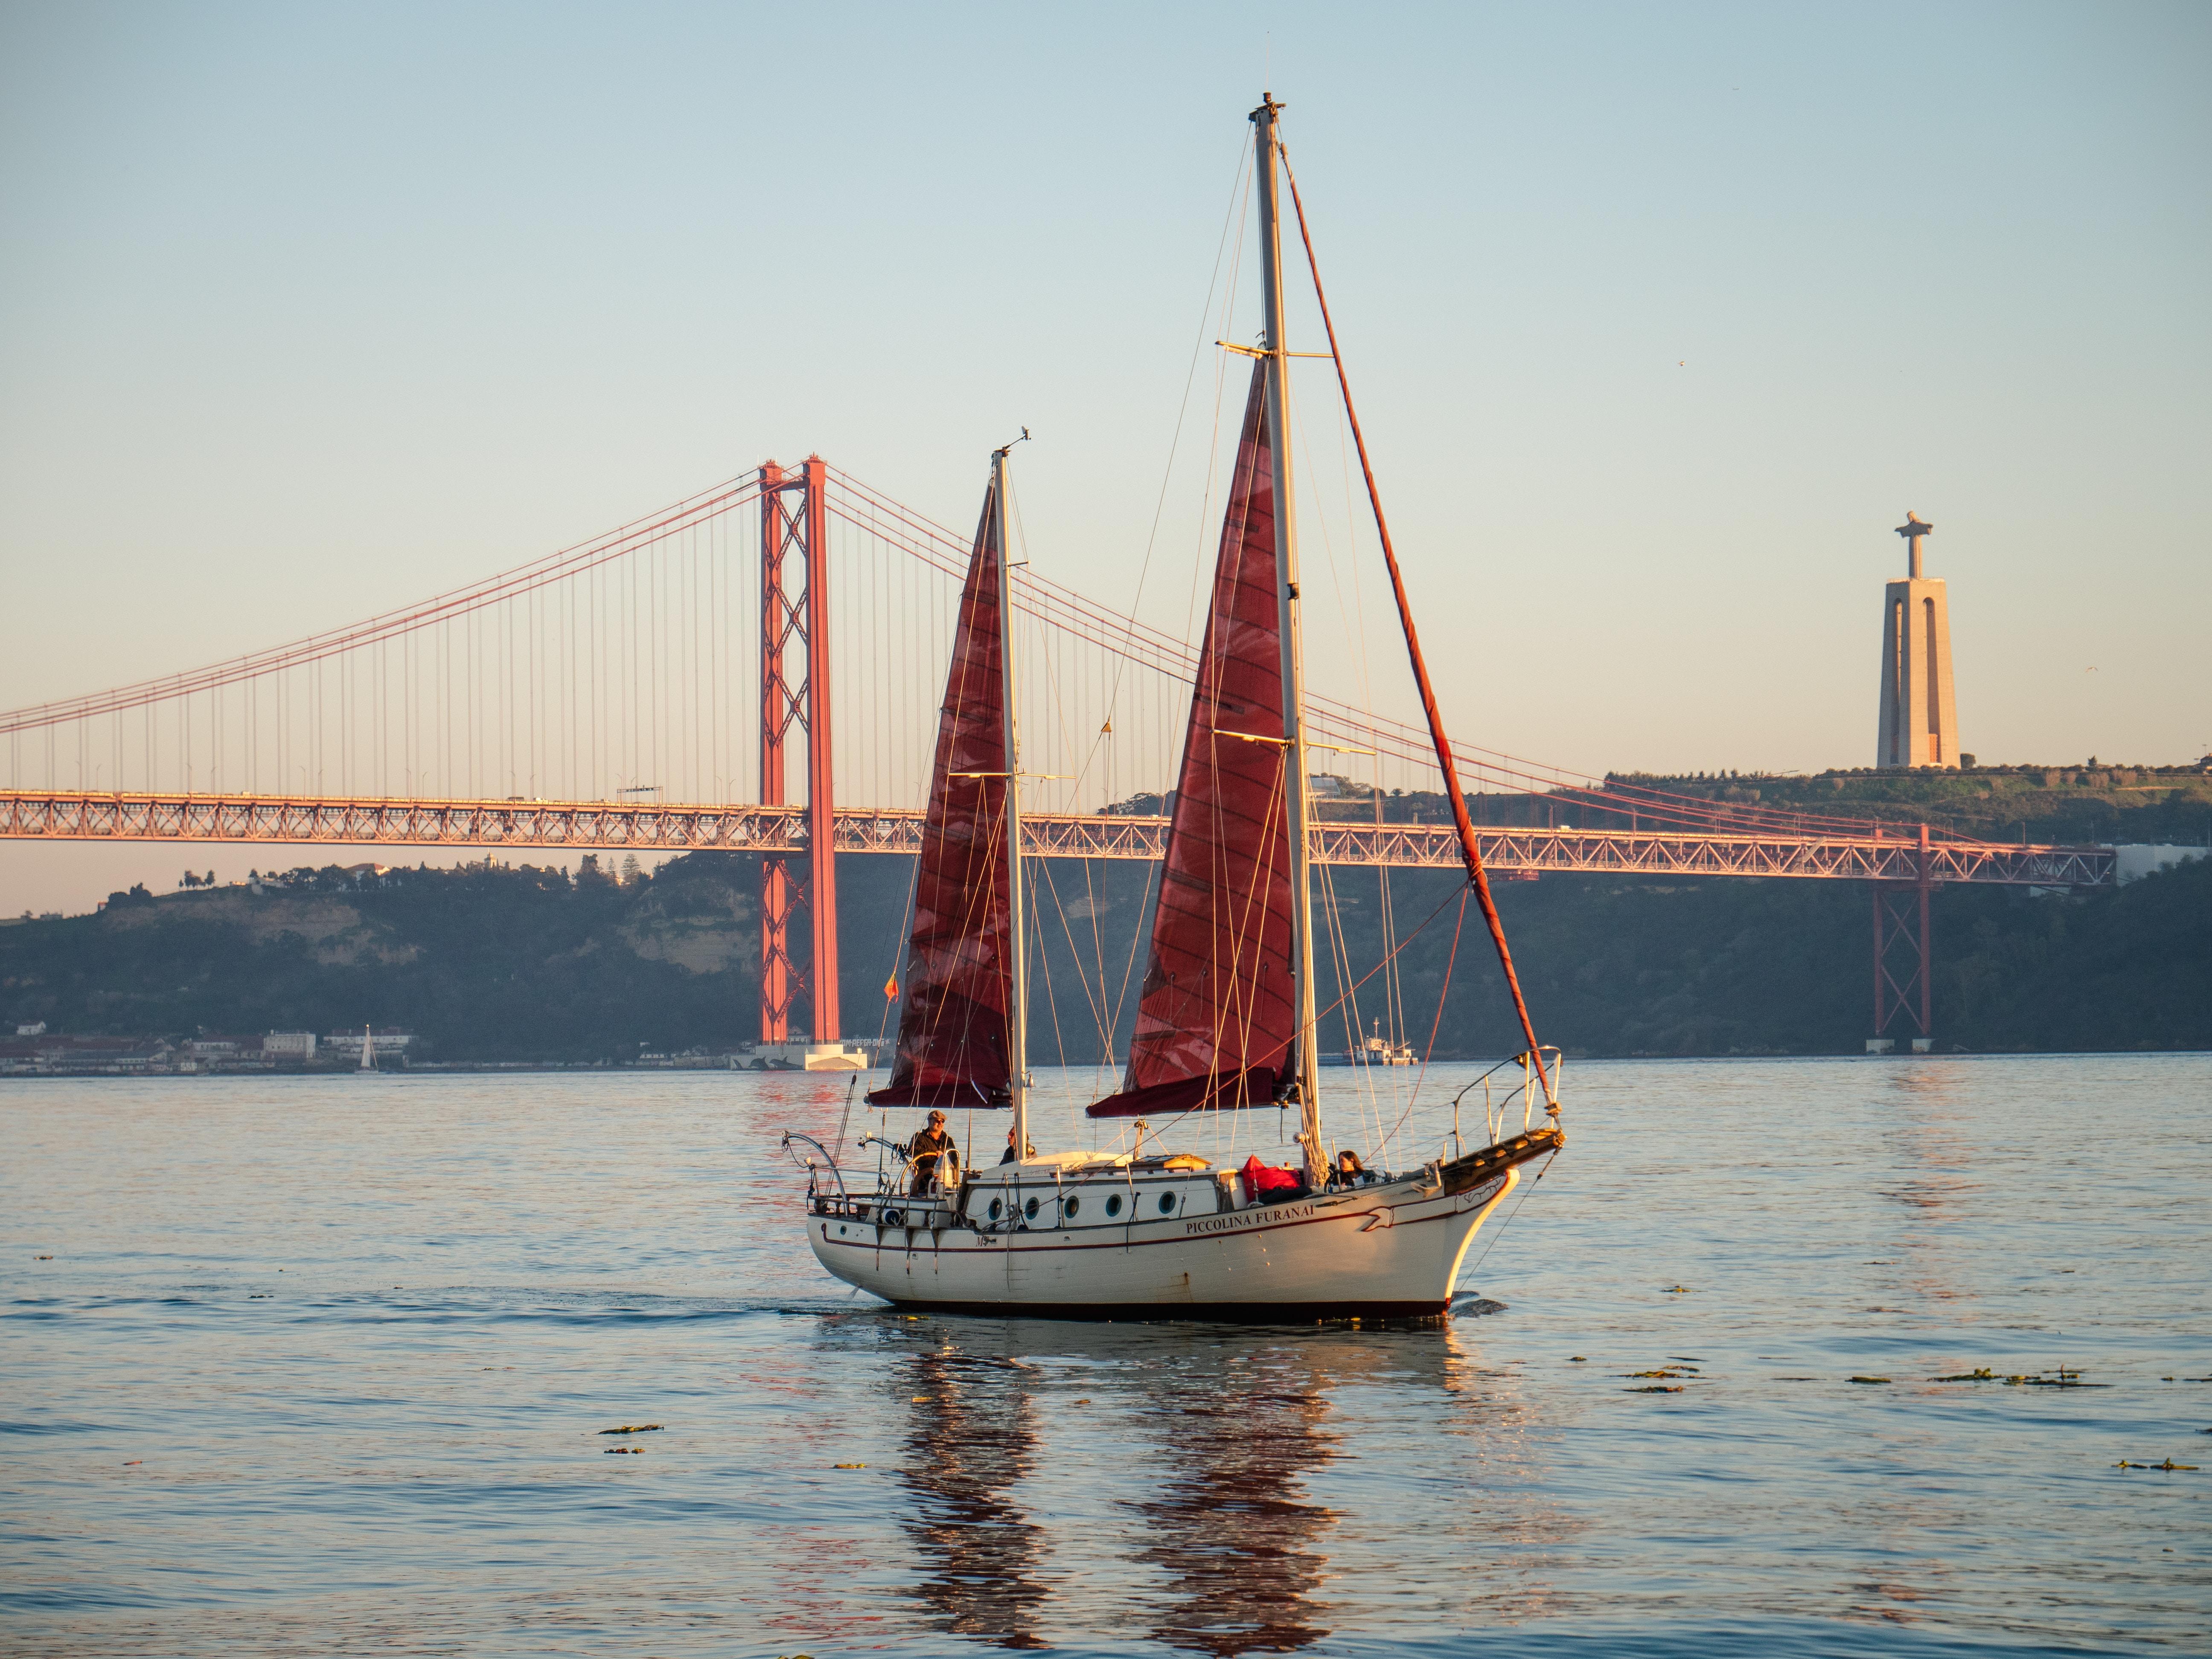 Tour en bateau privé (tour simple ou avec option apéritif, dîner etc...)